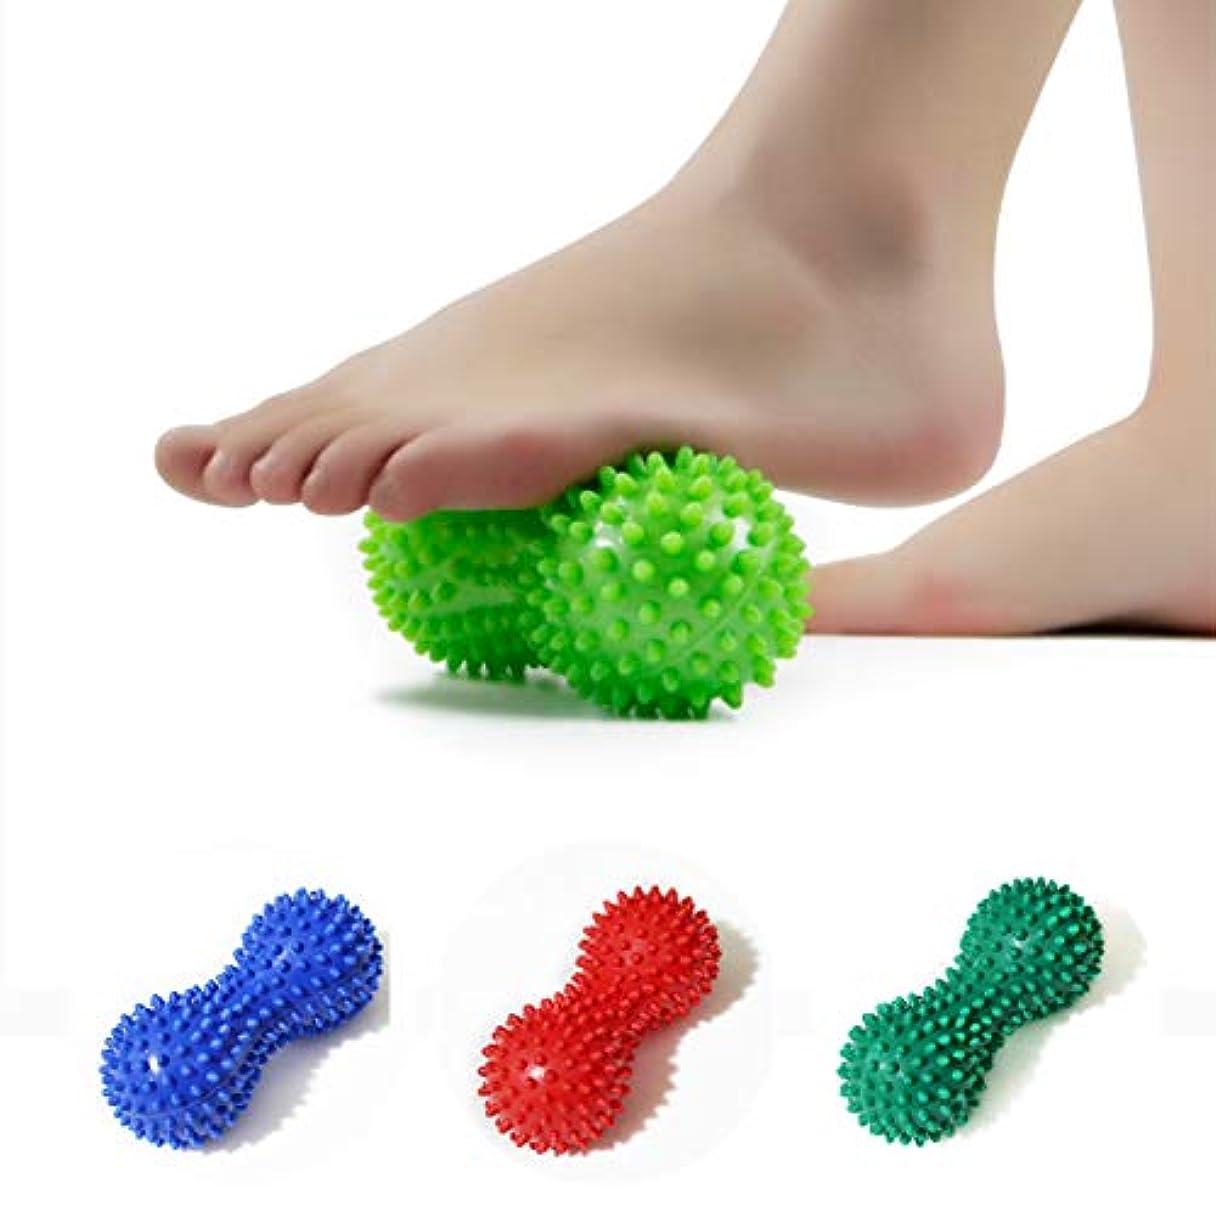 フェッチどっち小さなPeanut Shape Massage Yoga Sport Fitness Ball Durable PVC Stress Relief Body Hand Foot Spiky Massager Trigger Point...